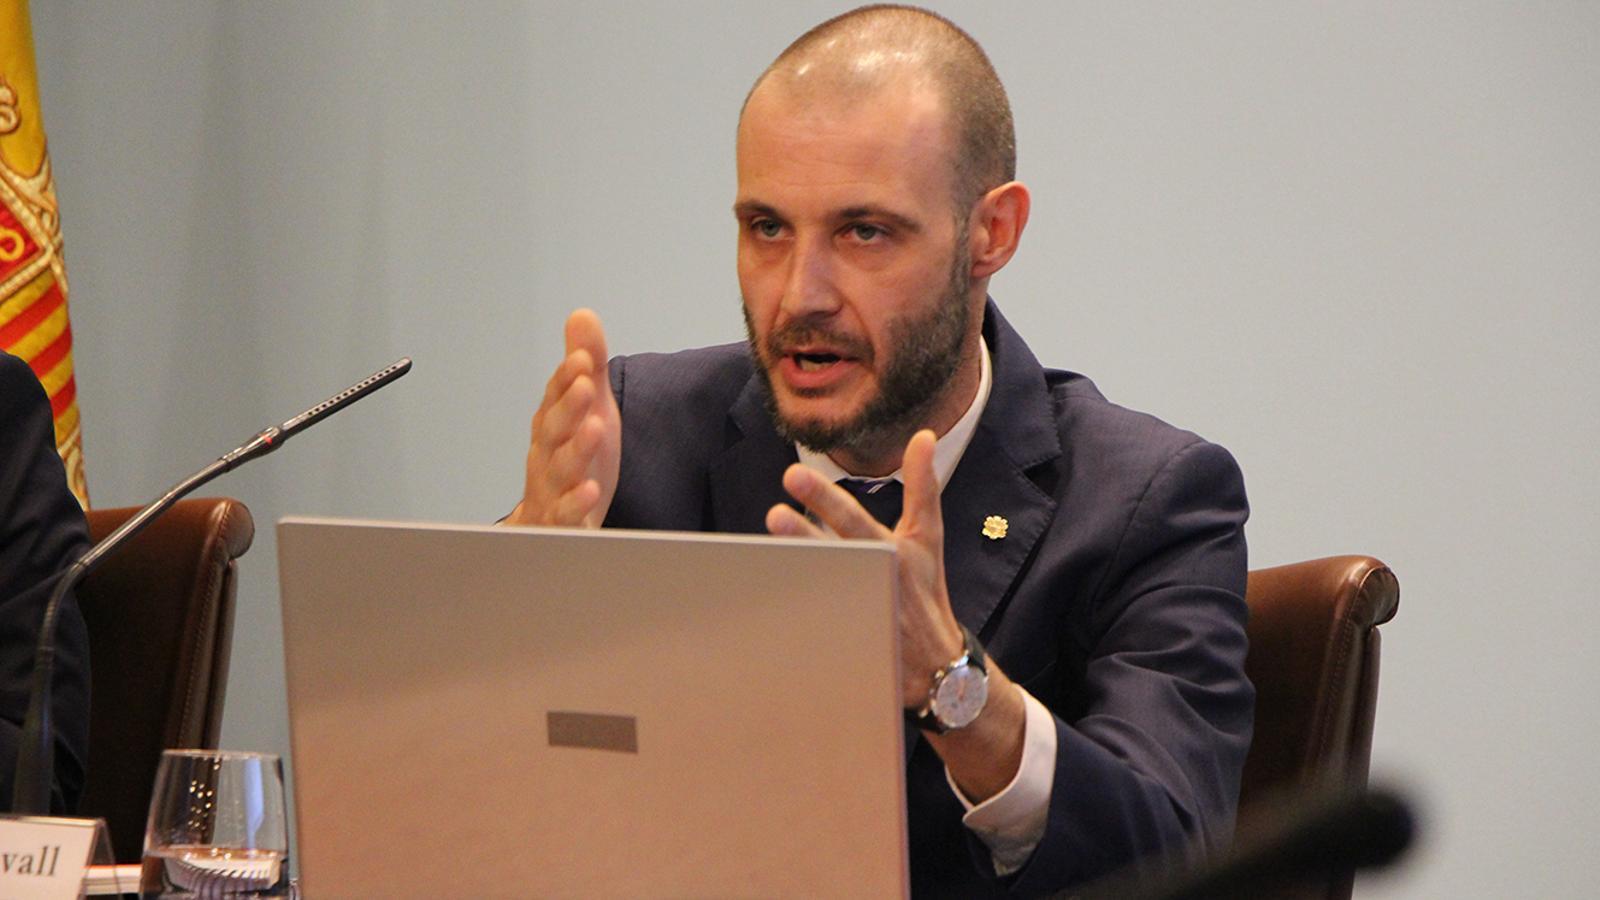 El secretari general del Govern, Jordi Casadevall, durant la seva comparexença d'aquest dimecres. / B.N.